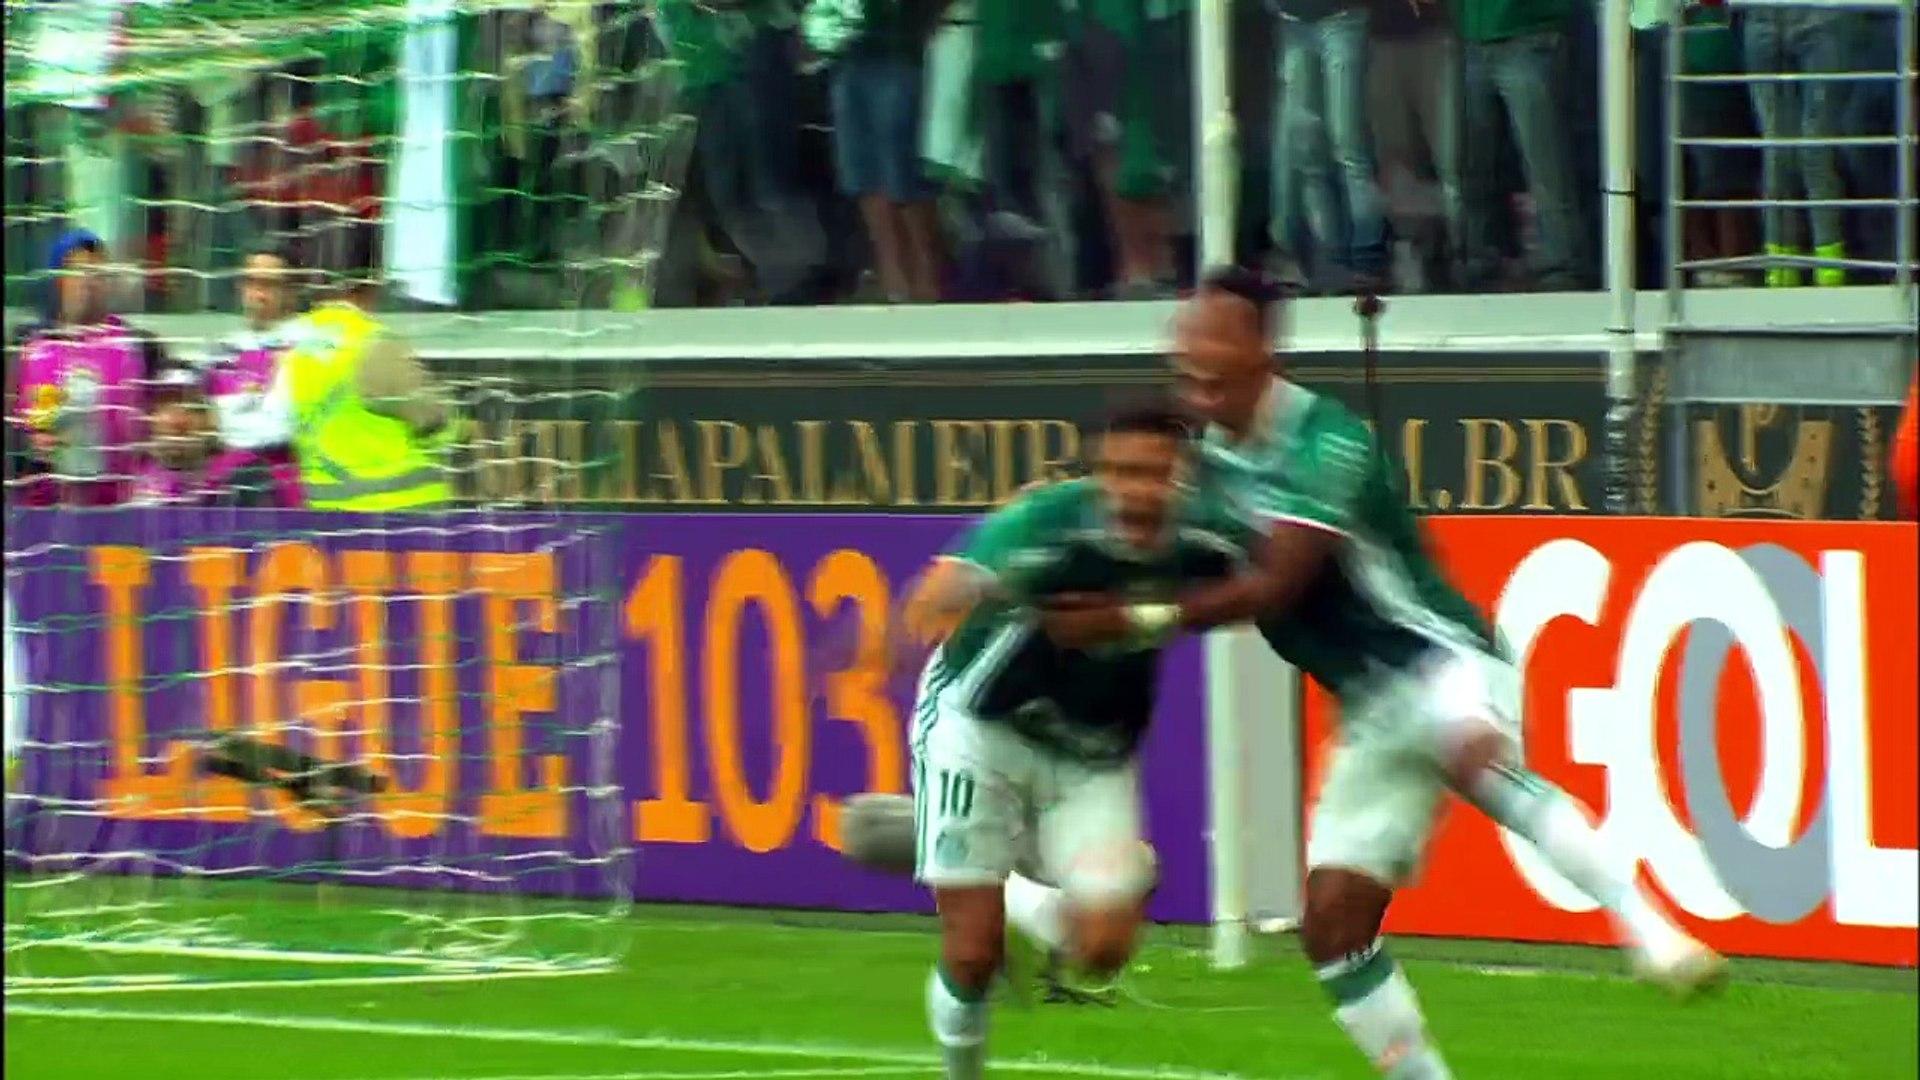 07 Rodada - Palmeiras 1x0 Corinthians (Campeonato Brasileiro 2016)